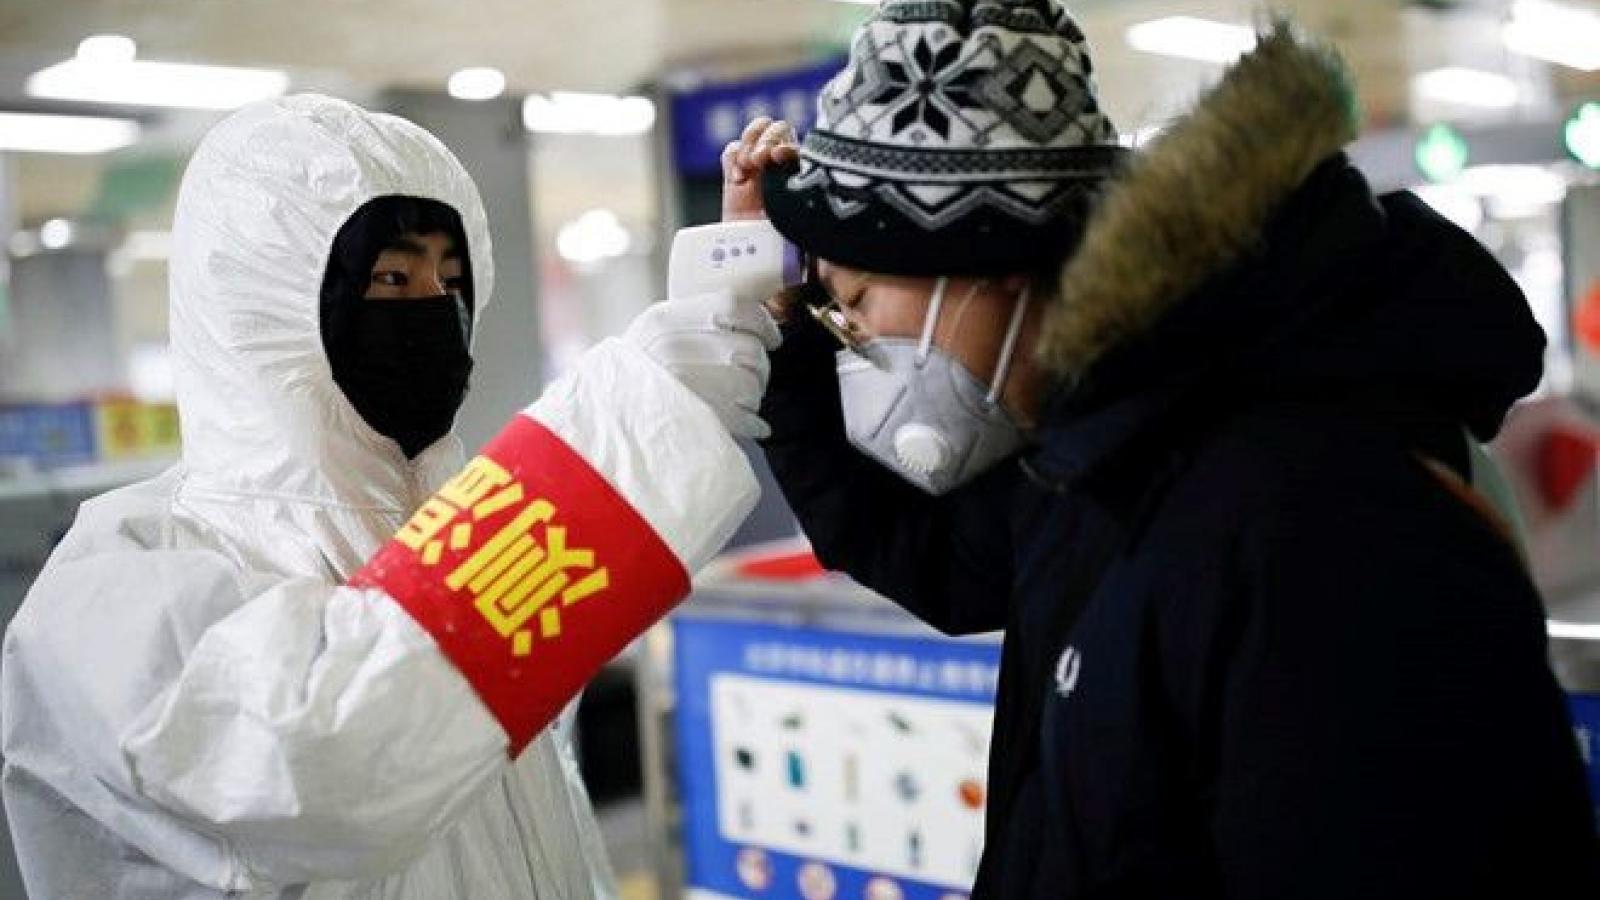 Thêm 1 thành phố ở Trung Quốc xuất hiện ca Covid-19 trong cộng đồng